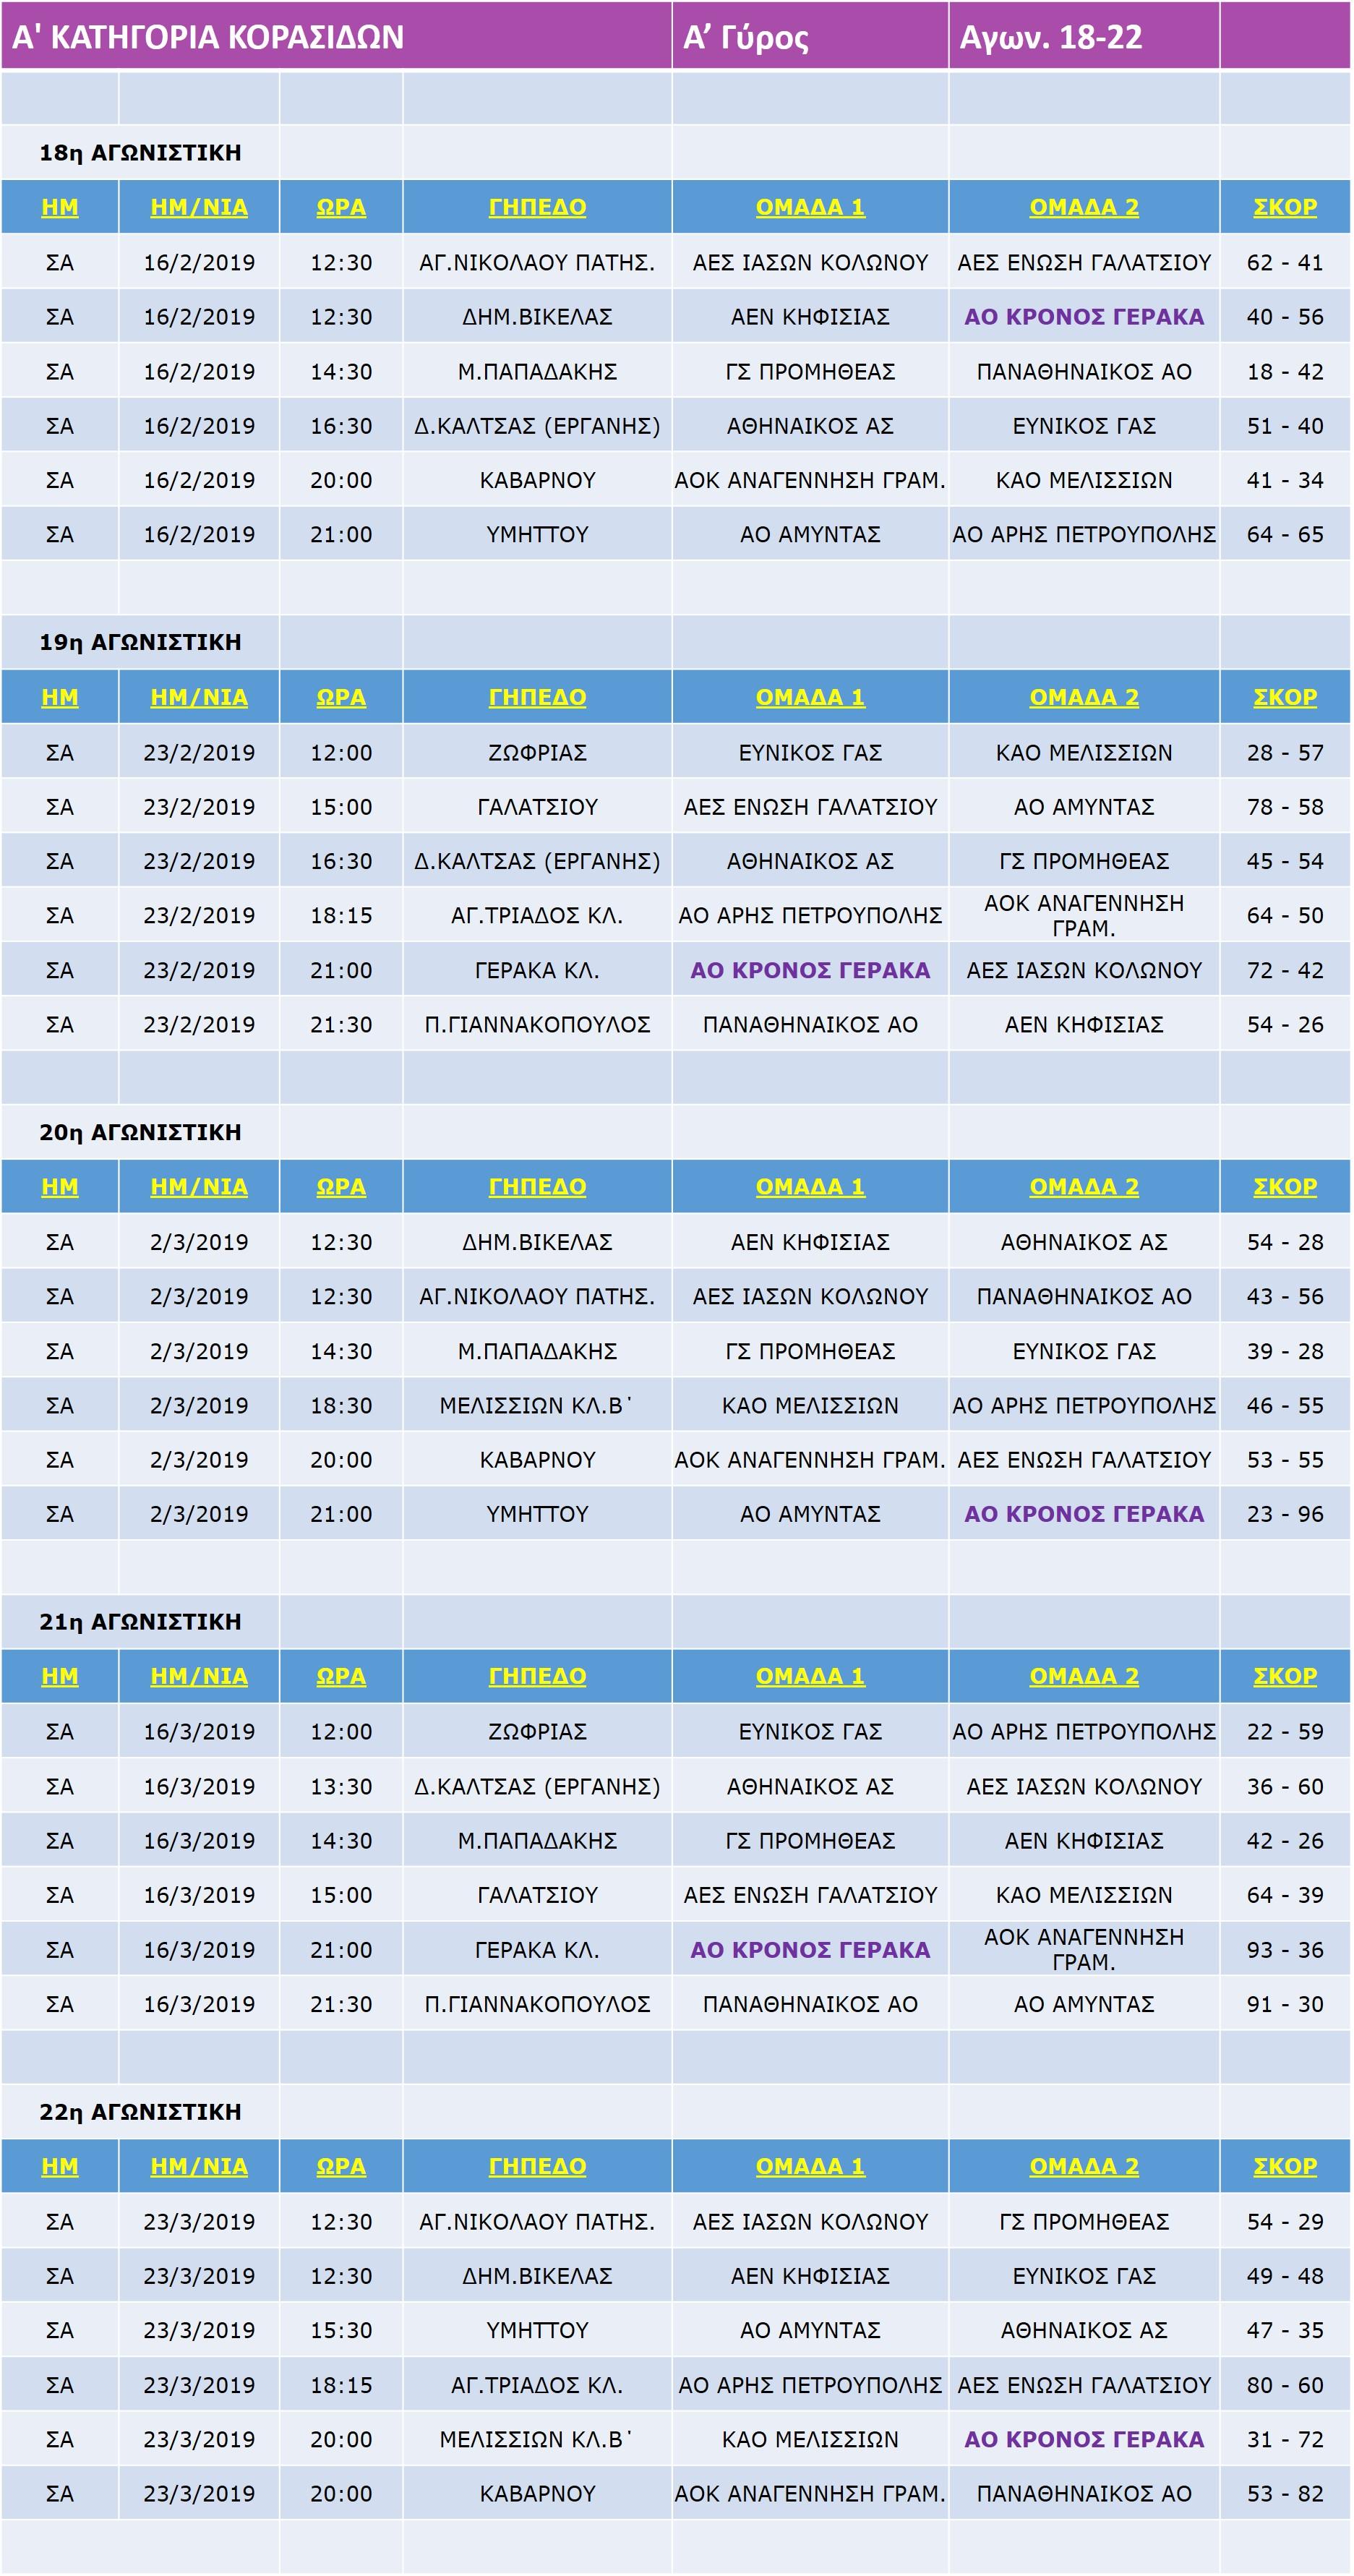 Korasides_Match_A_18-22-22